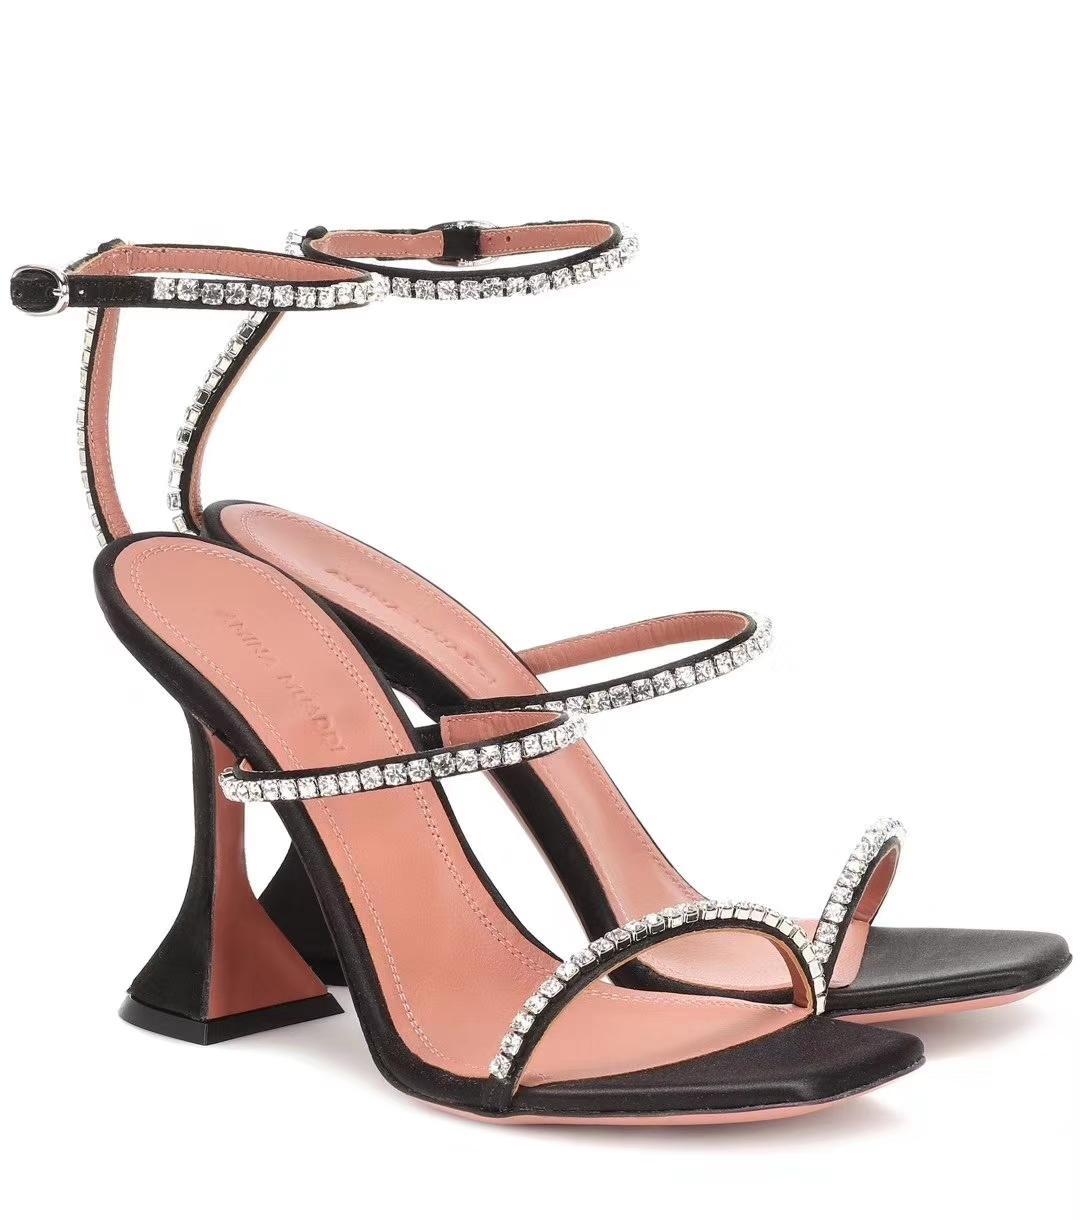 Designer-als, Luxus-Kleid Schuhe Schuhe, Markenschuhe, dres shoesetc, hergestellt von Original-Lammfell